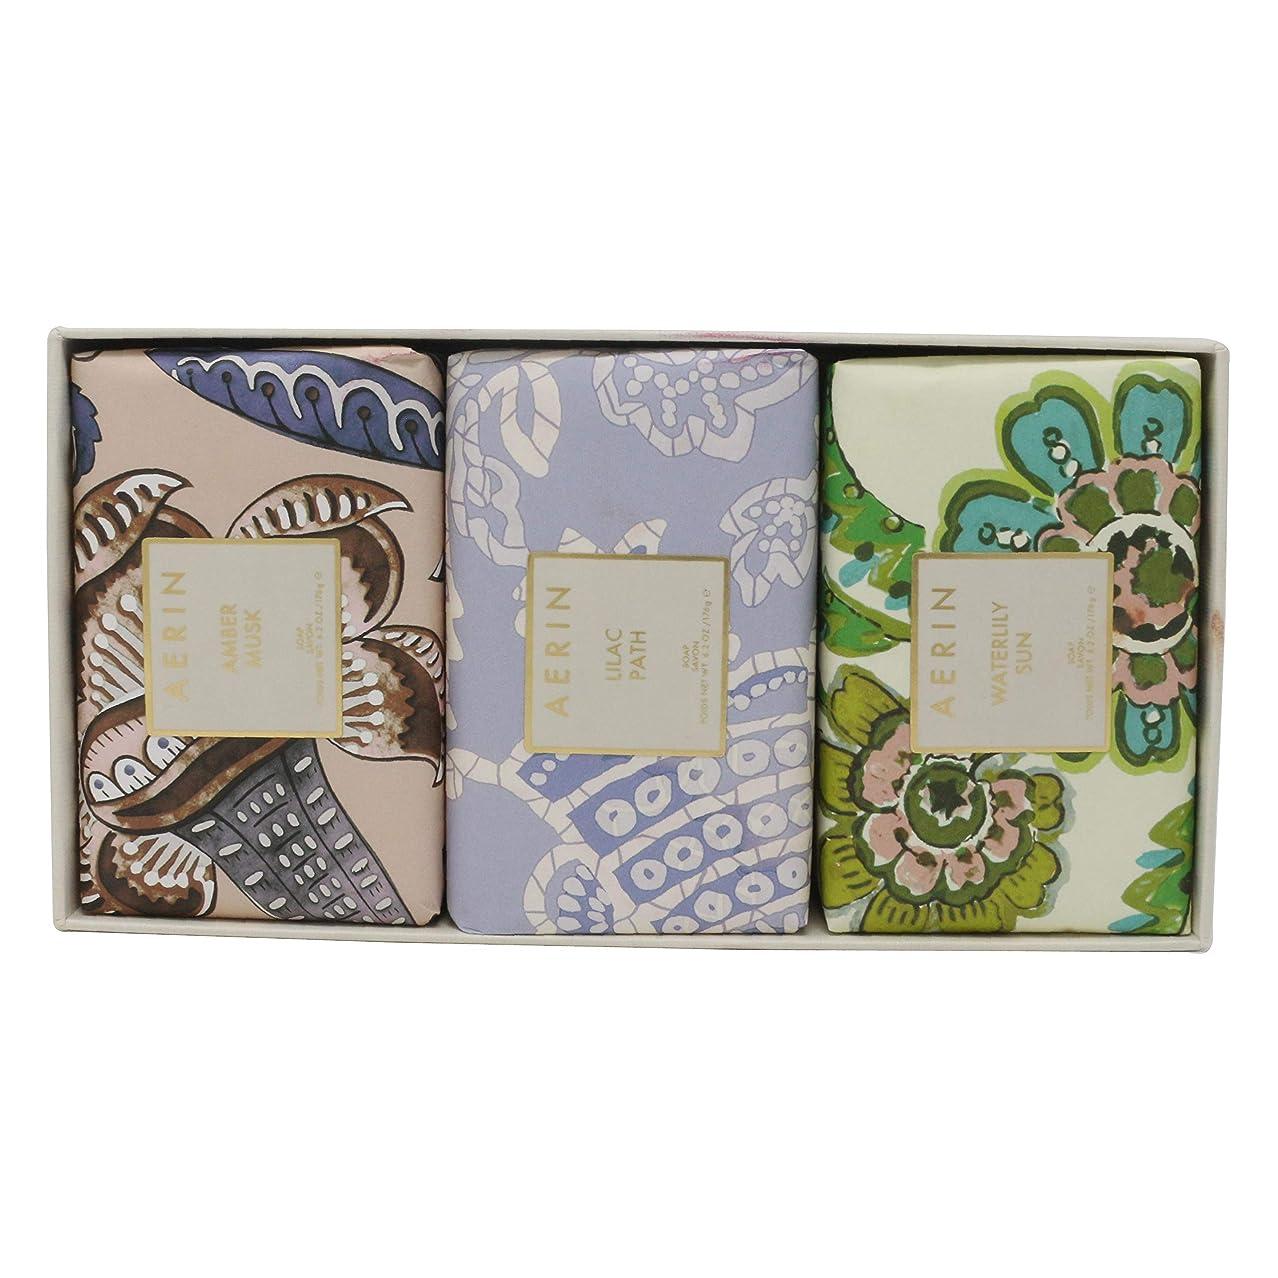 ソファー吸収するディスクAERIN Beauty Soap Coffret(アエリン ビューティー ソープ コフレット ) 6.2 oz (186ml) Soap 固形石鹸 x 3個セットby Estee Lauder